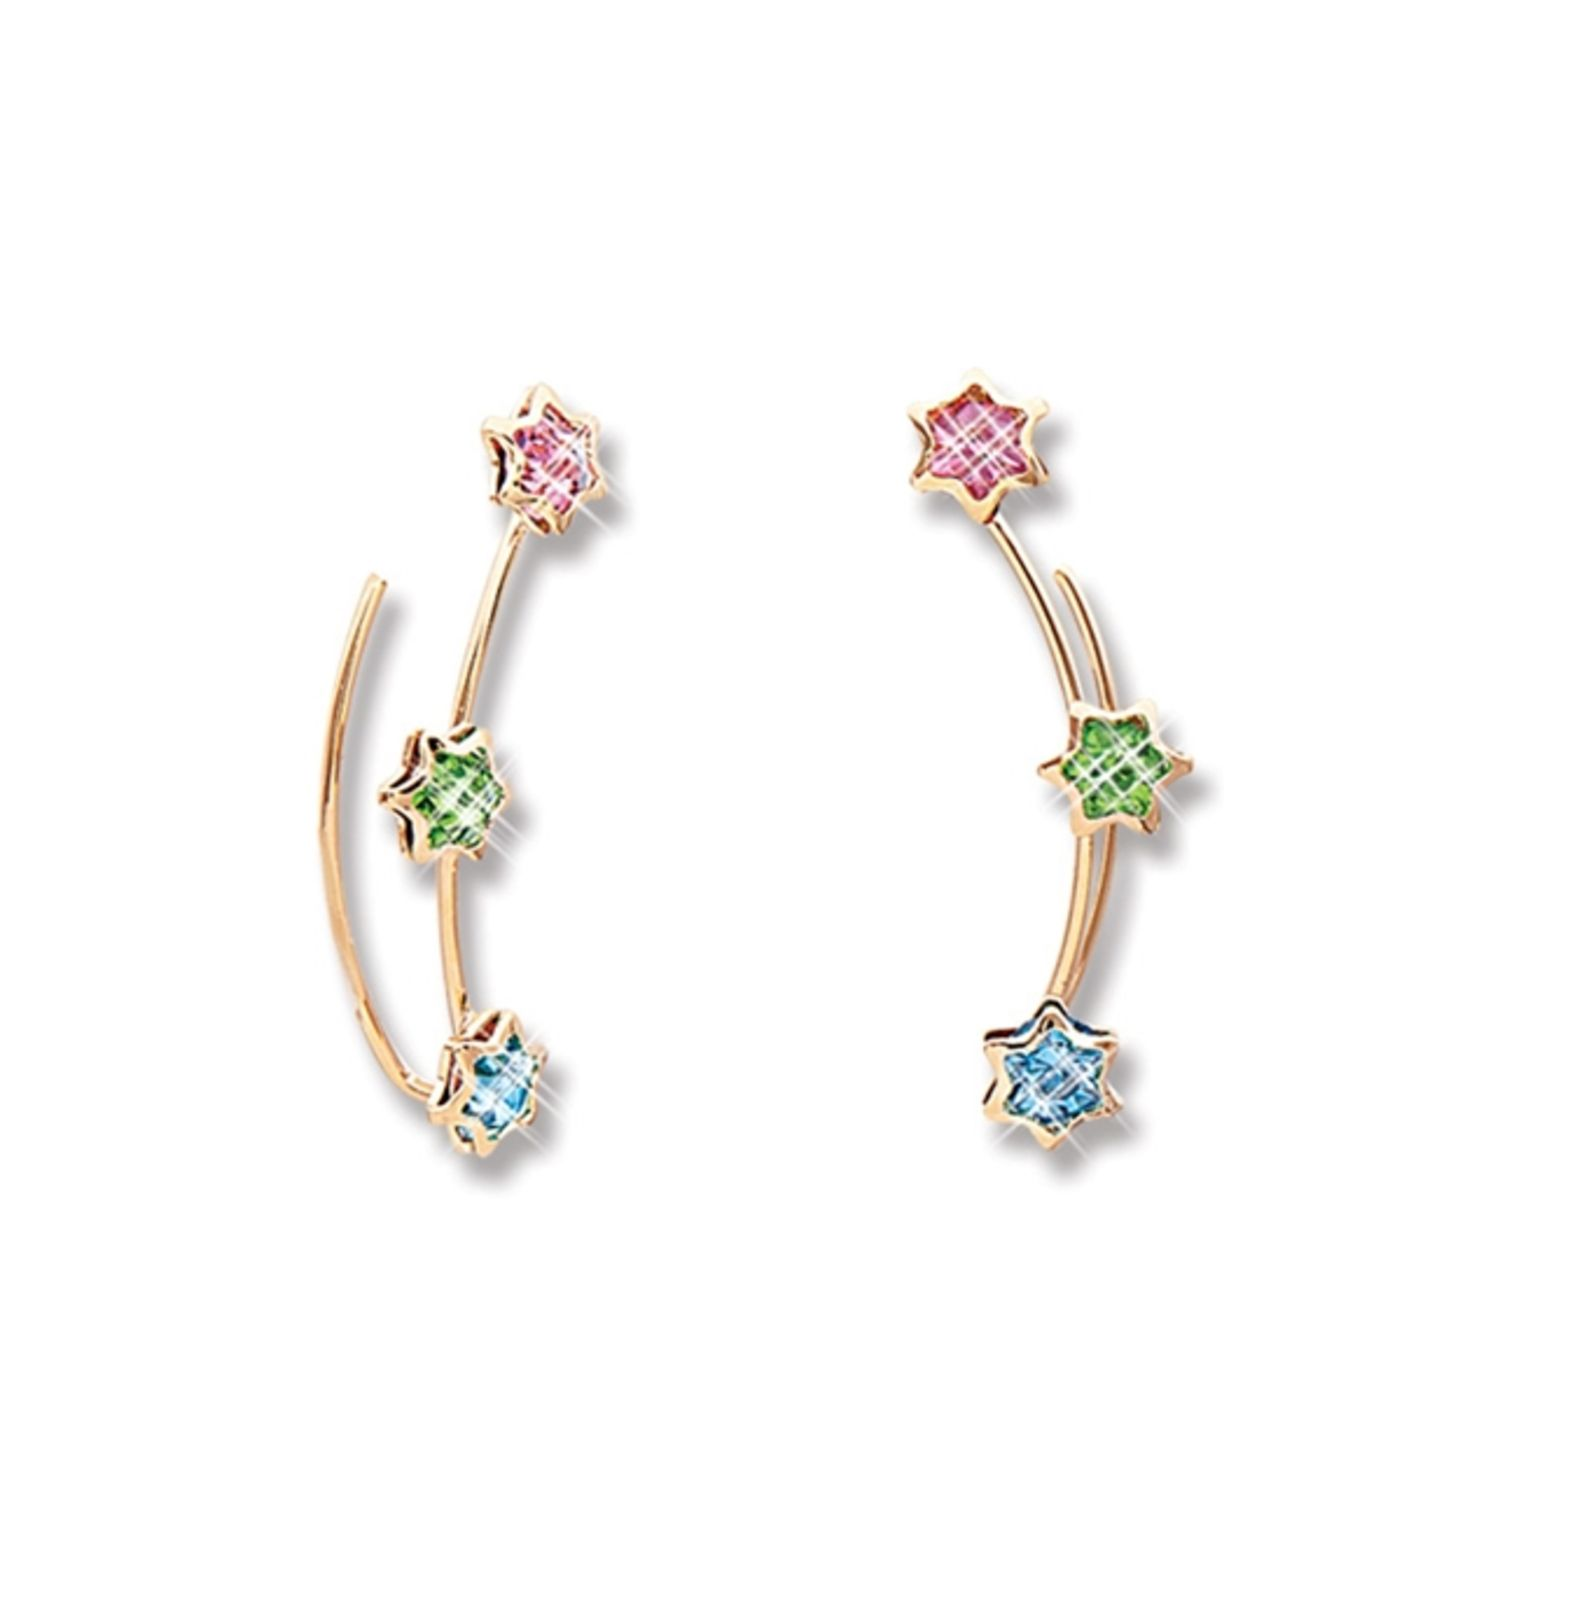 Brinco Le Diamond Ear Cuff Dourado com Estrelas Coloridas